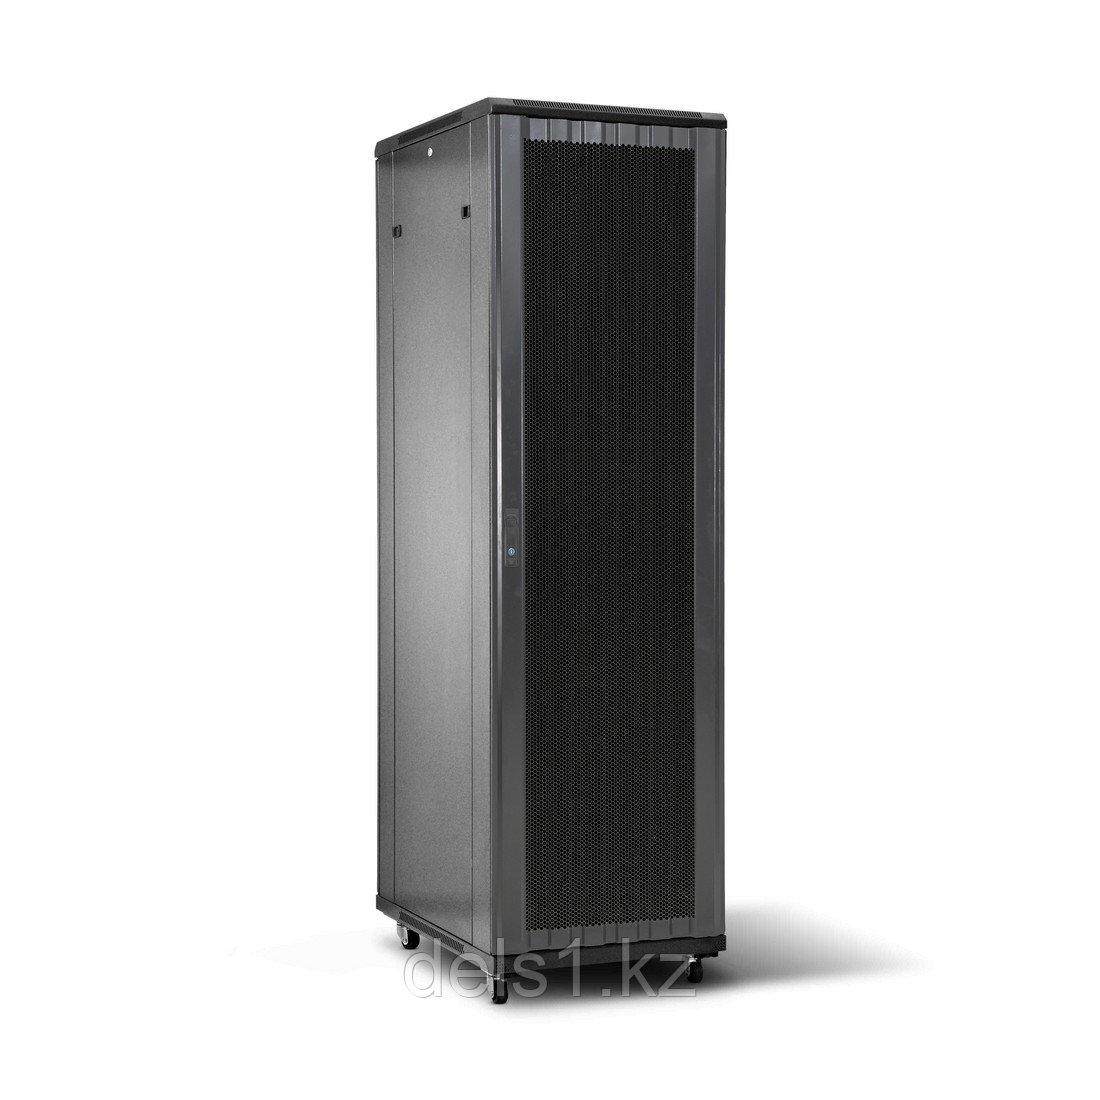 Шкаф серверный напольный SHIP 601S.6842.03.100 42U 600*800*2000 мм